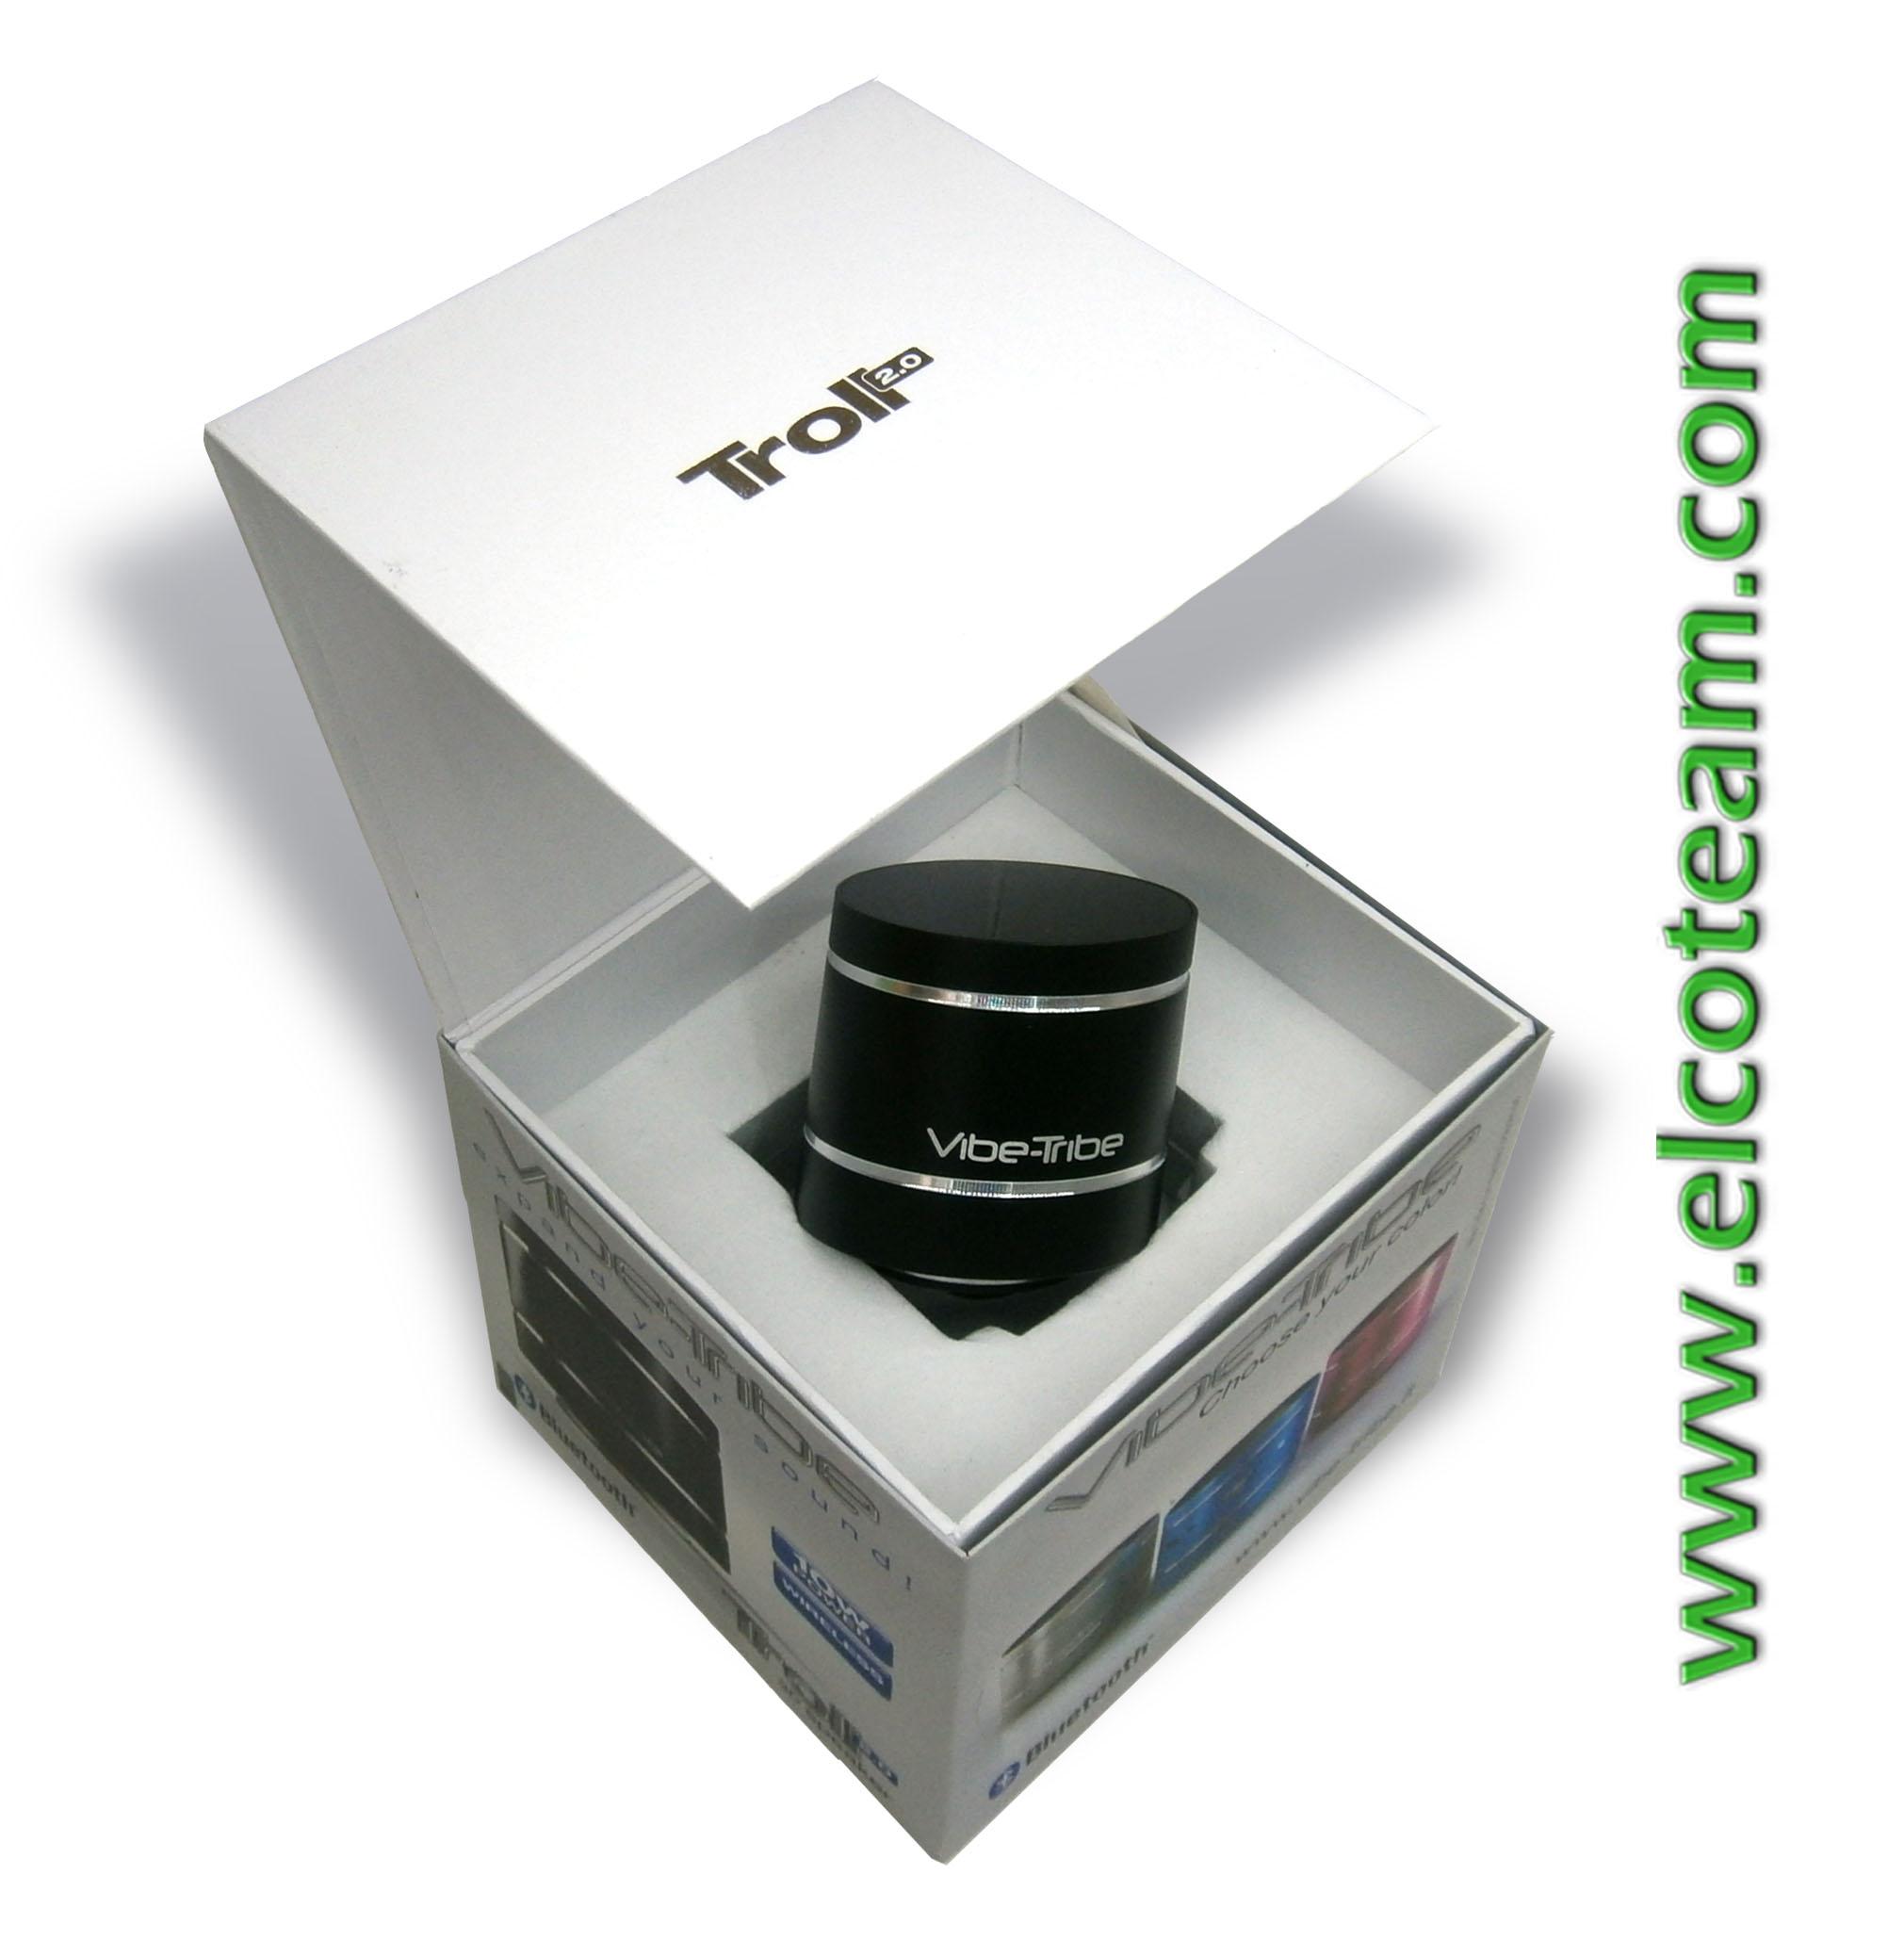 Troll 2.0. Confezione rigida box